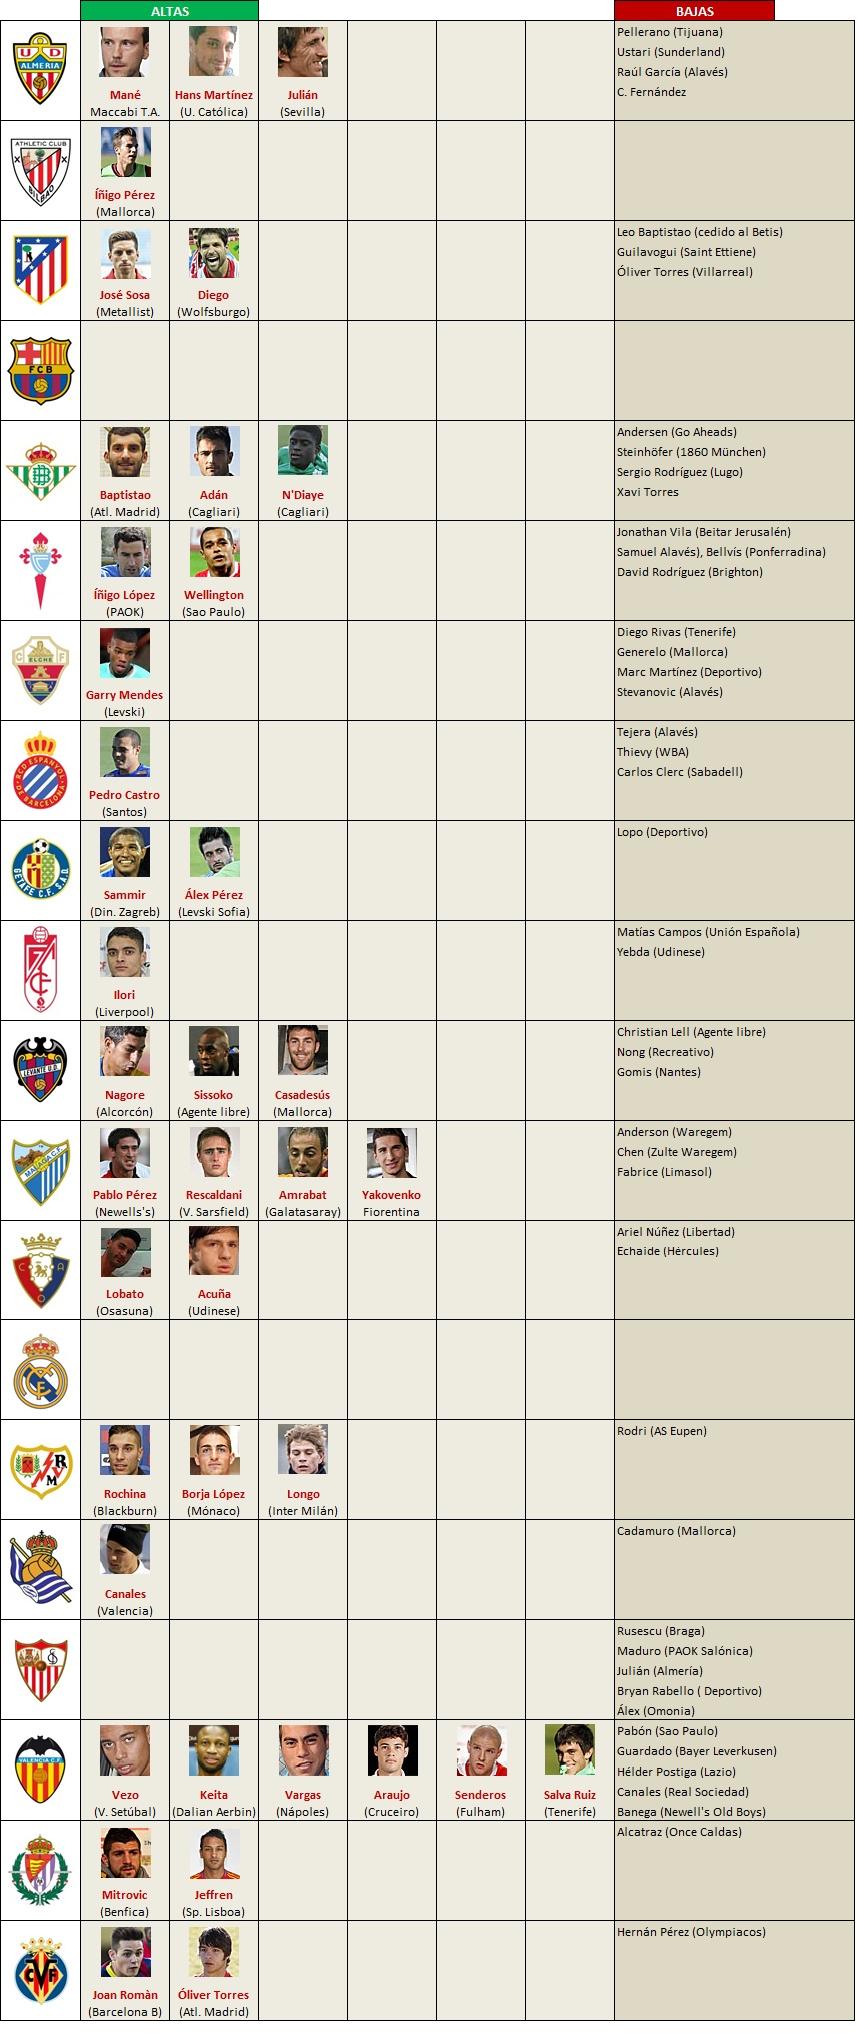 altas-bajas 2013-2014 Primera Division